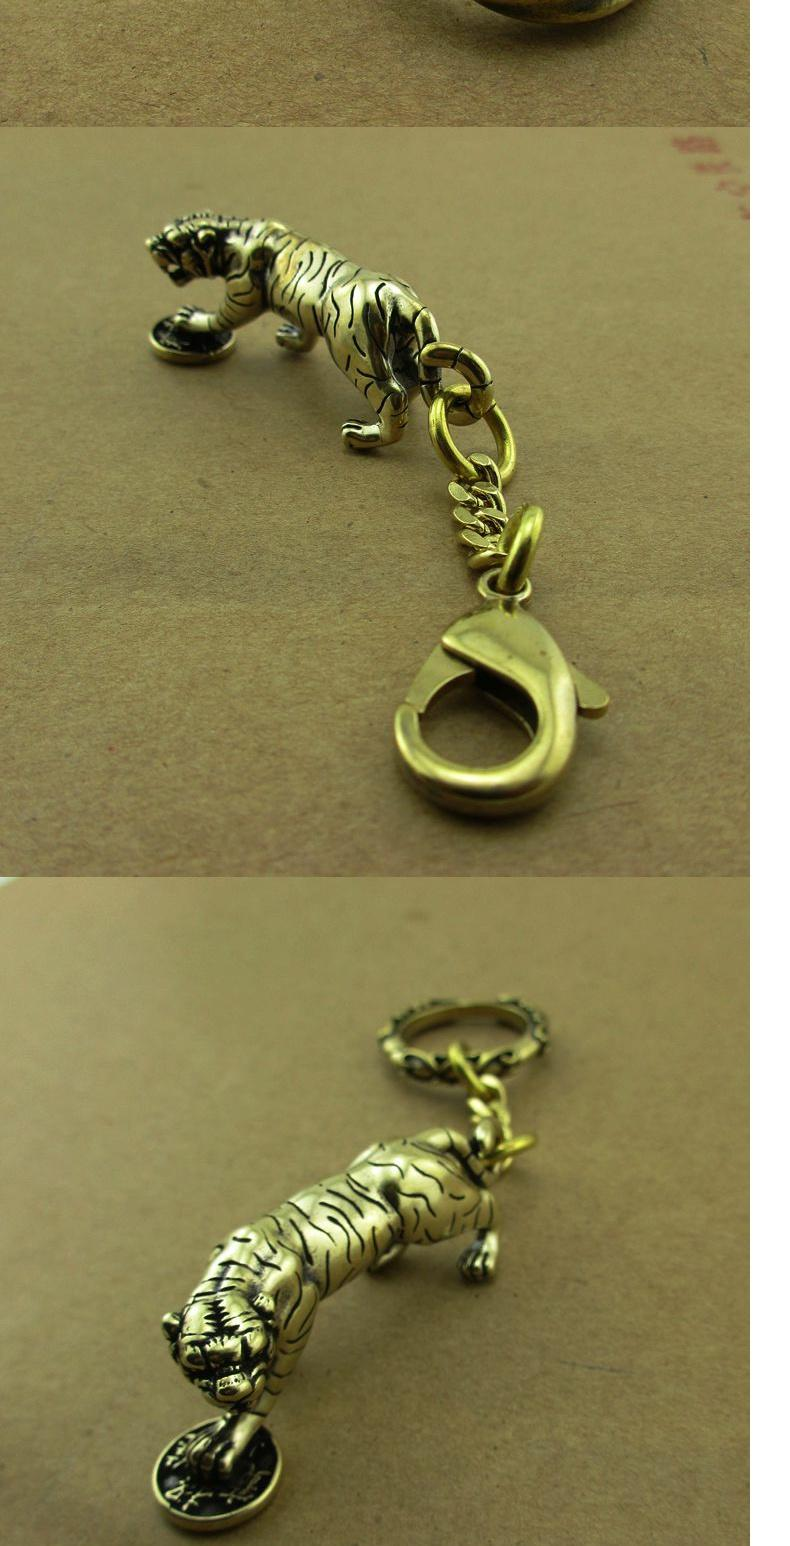 纯黄铜十二生肖虎挂件汽车钥匙扣吊坠老虎头箱包皮具饰品生日礼物商品详情图